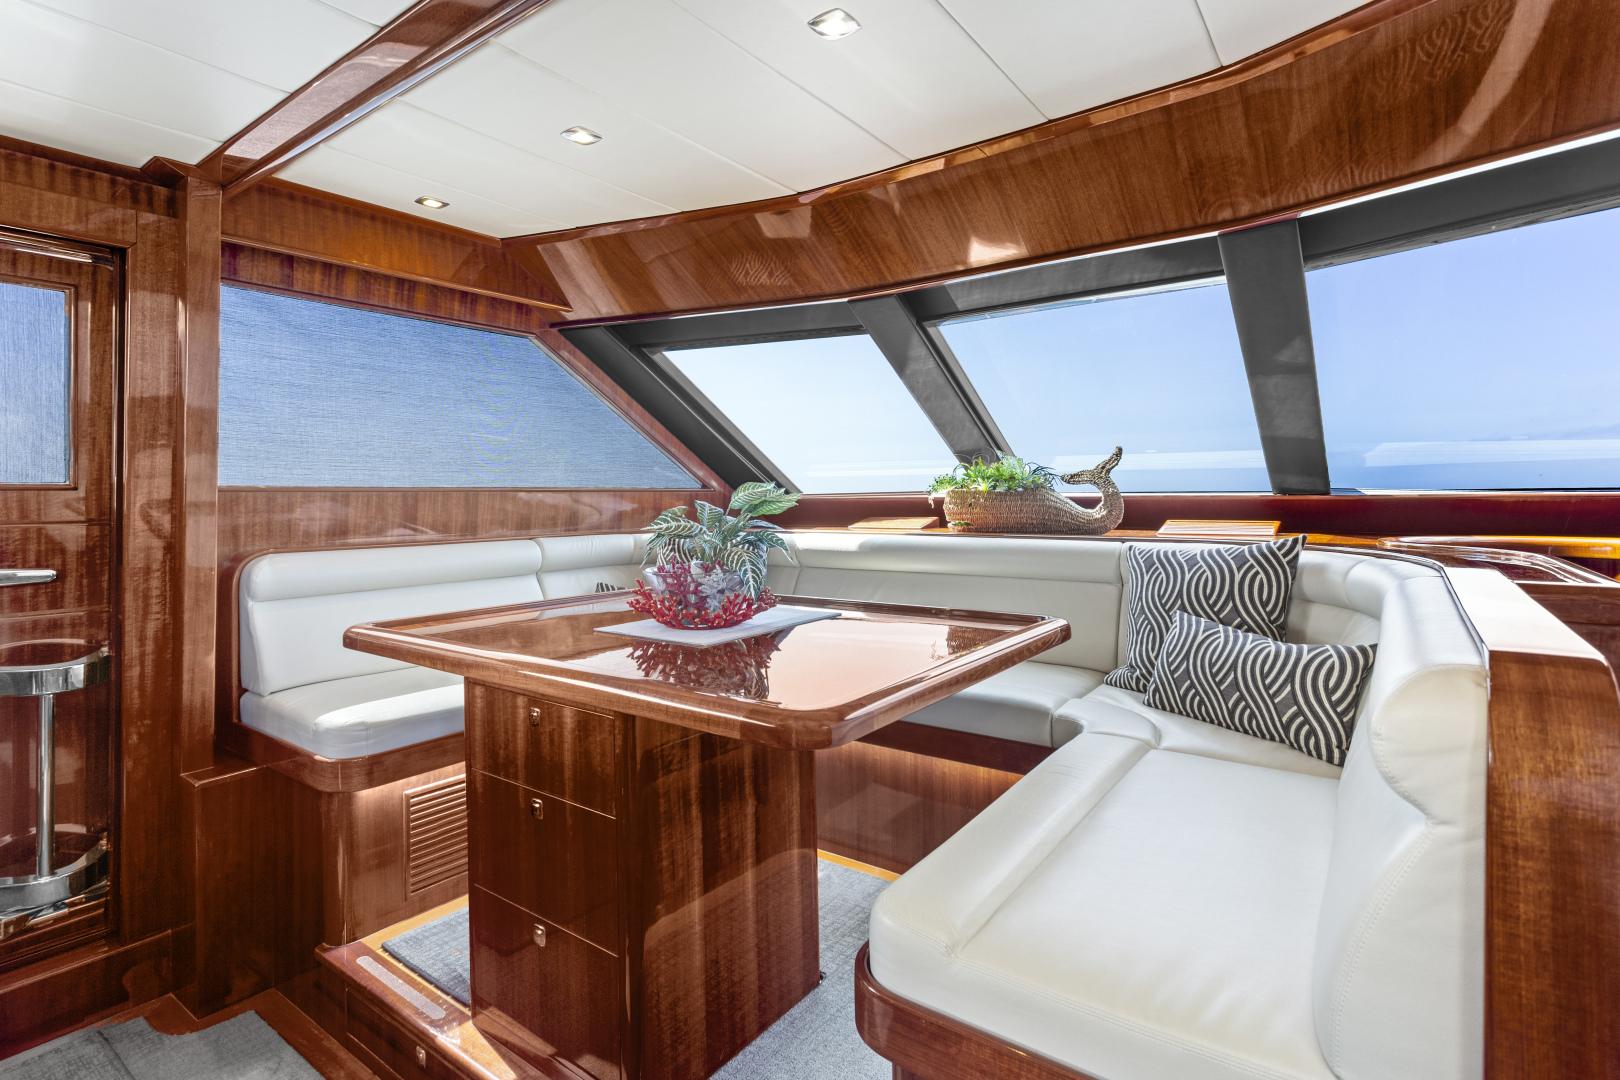 Hampton-76 Skylounge Motoryacht 2014-ODYSEA San Diego-California-United States-DINETTE-1165159 | Thumbnail